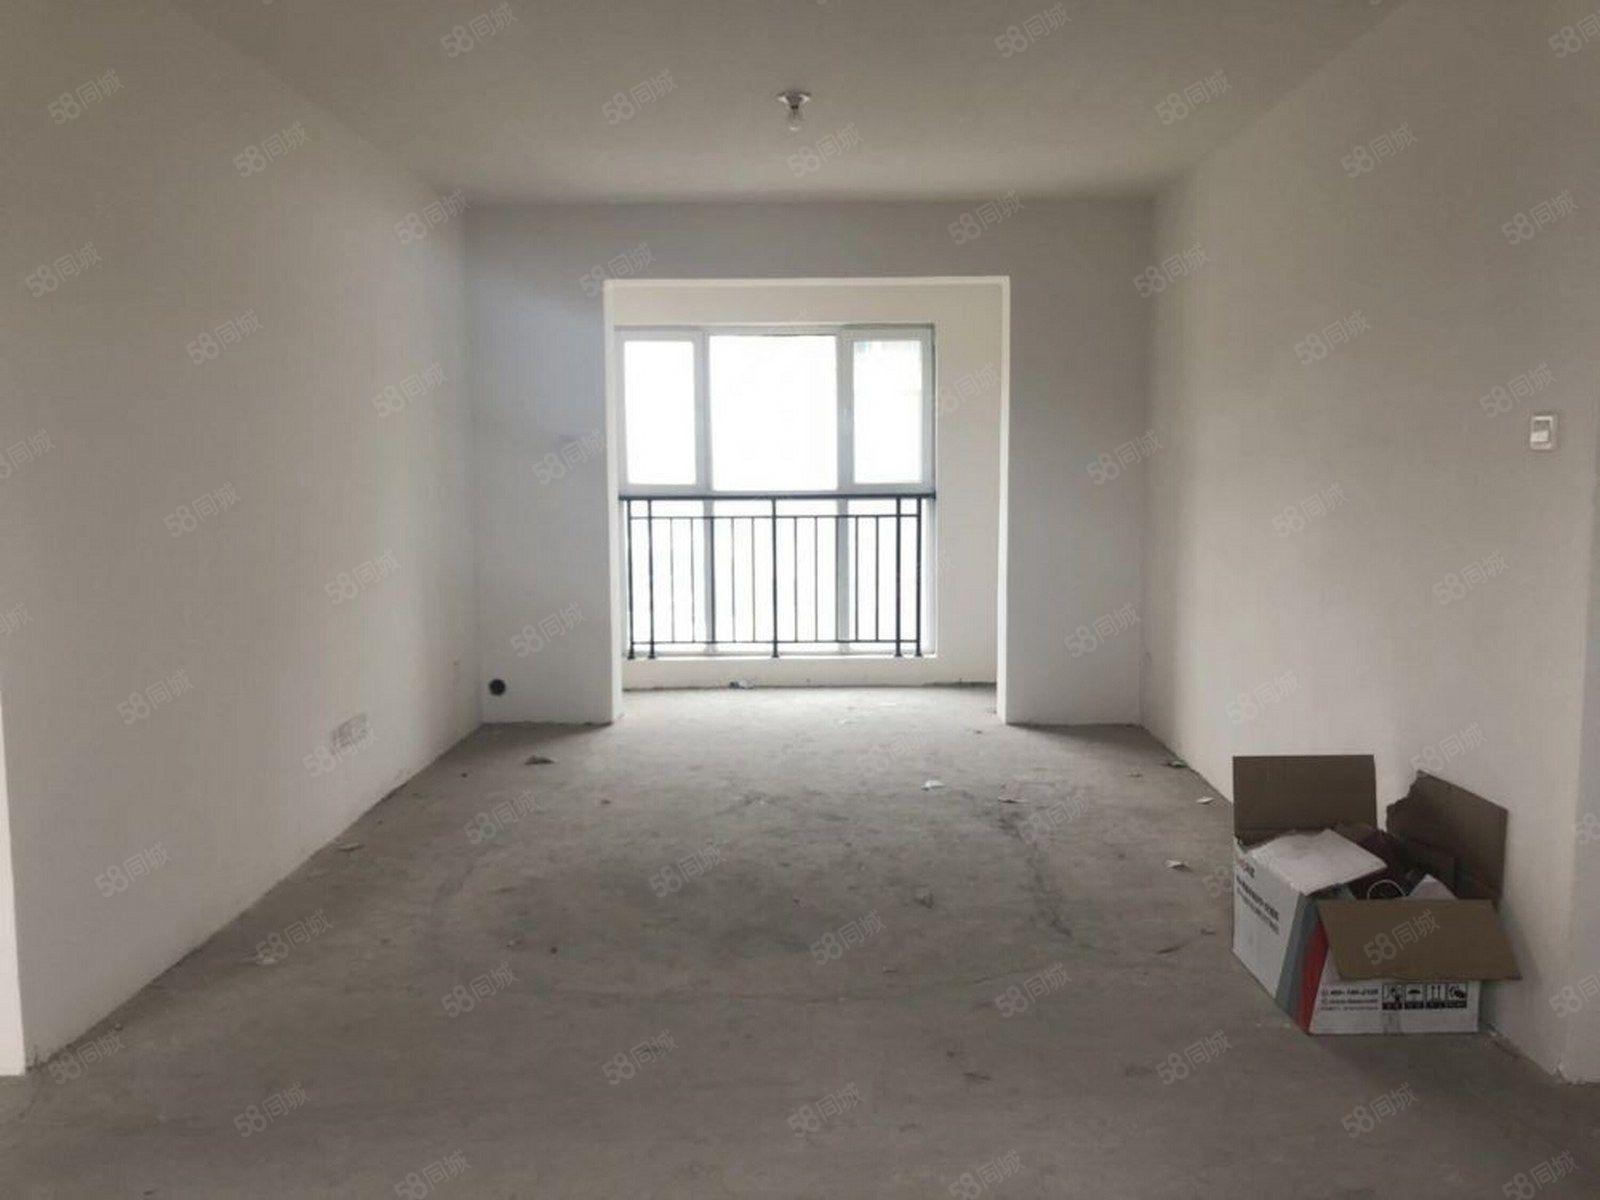 科技馆旁边,中海稀有2室南北通透,毛坯次新房,看房有钥匙